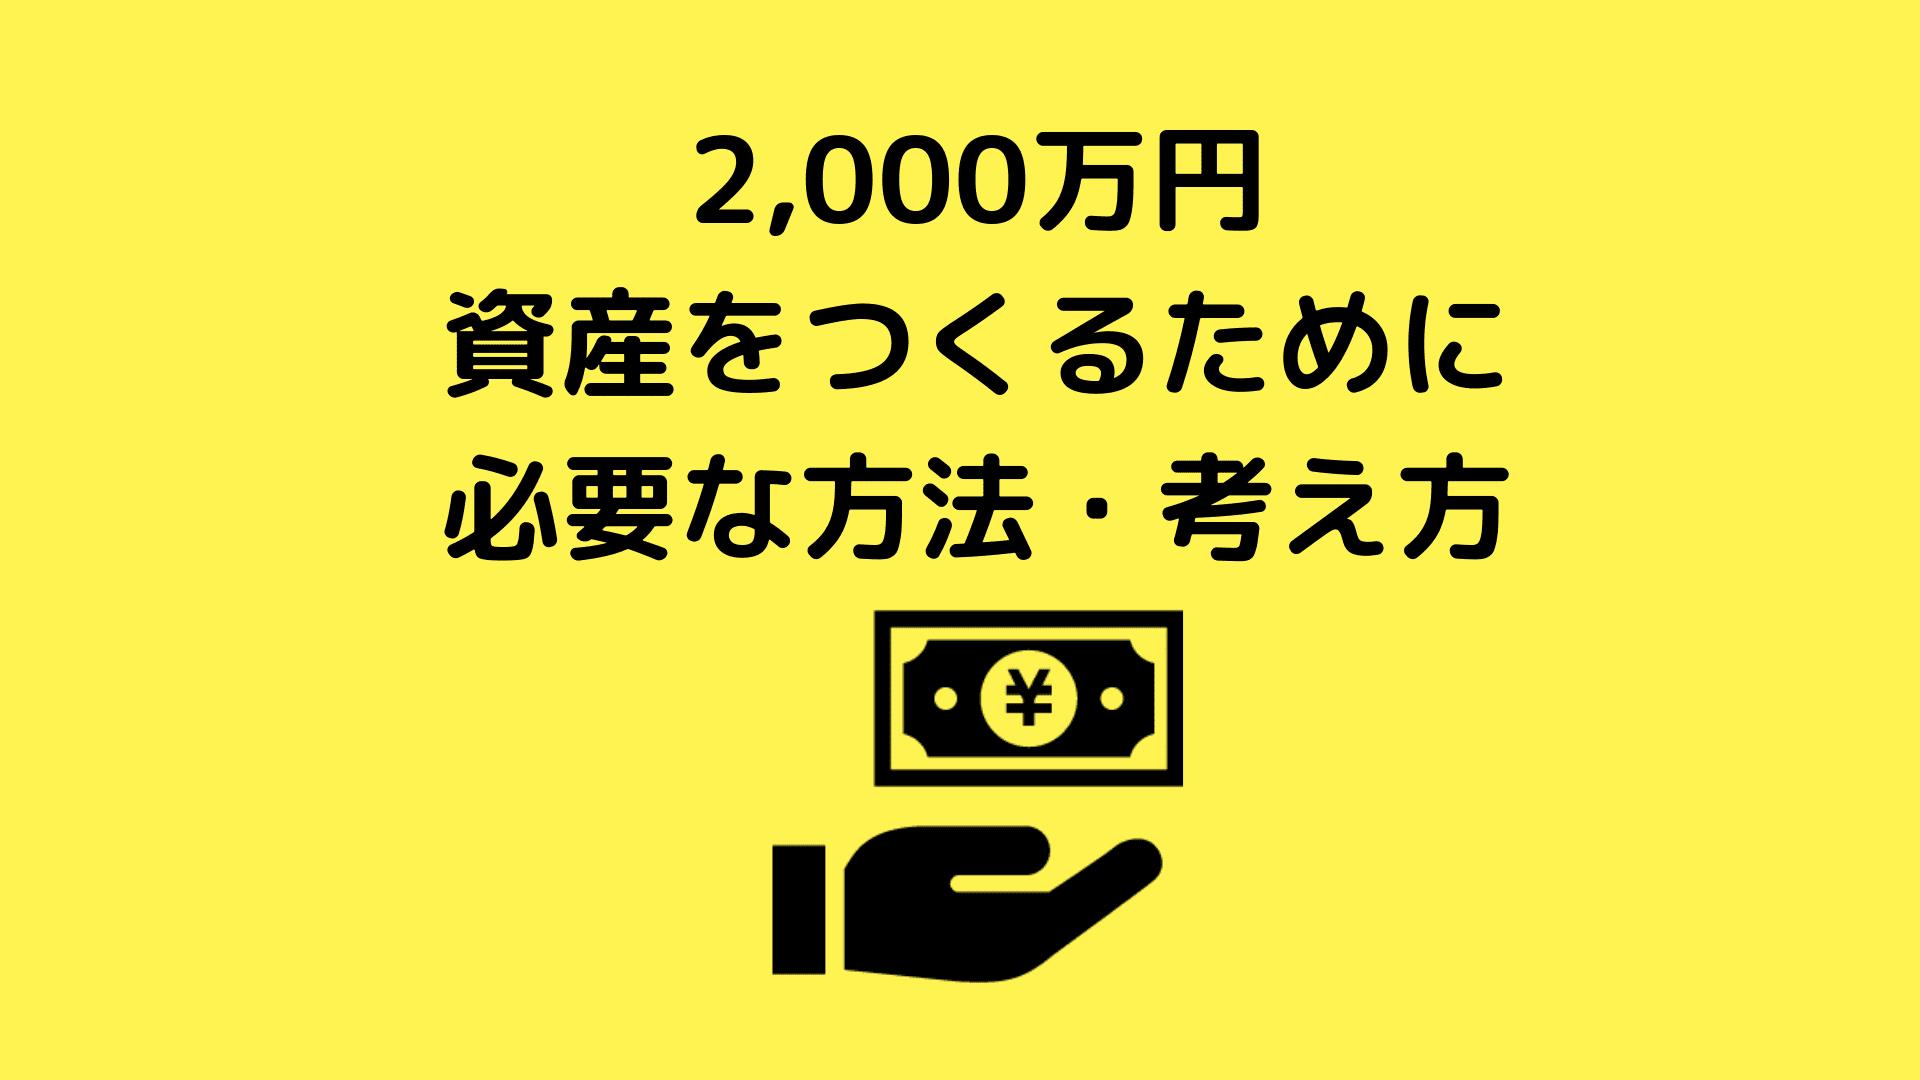 2,000万円資産を作るために必要な方法・考え方